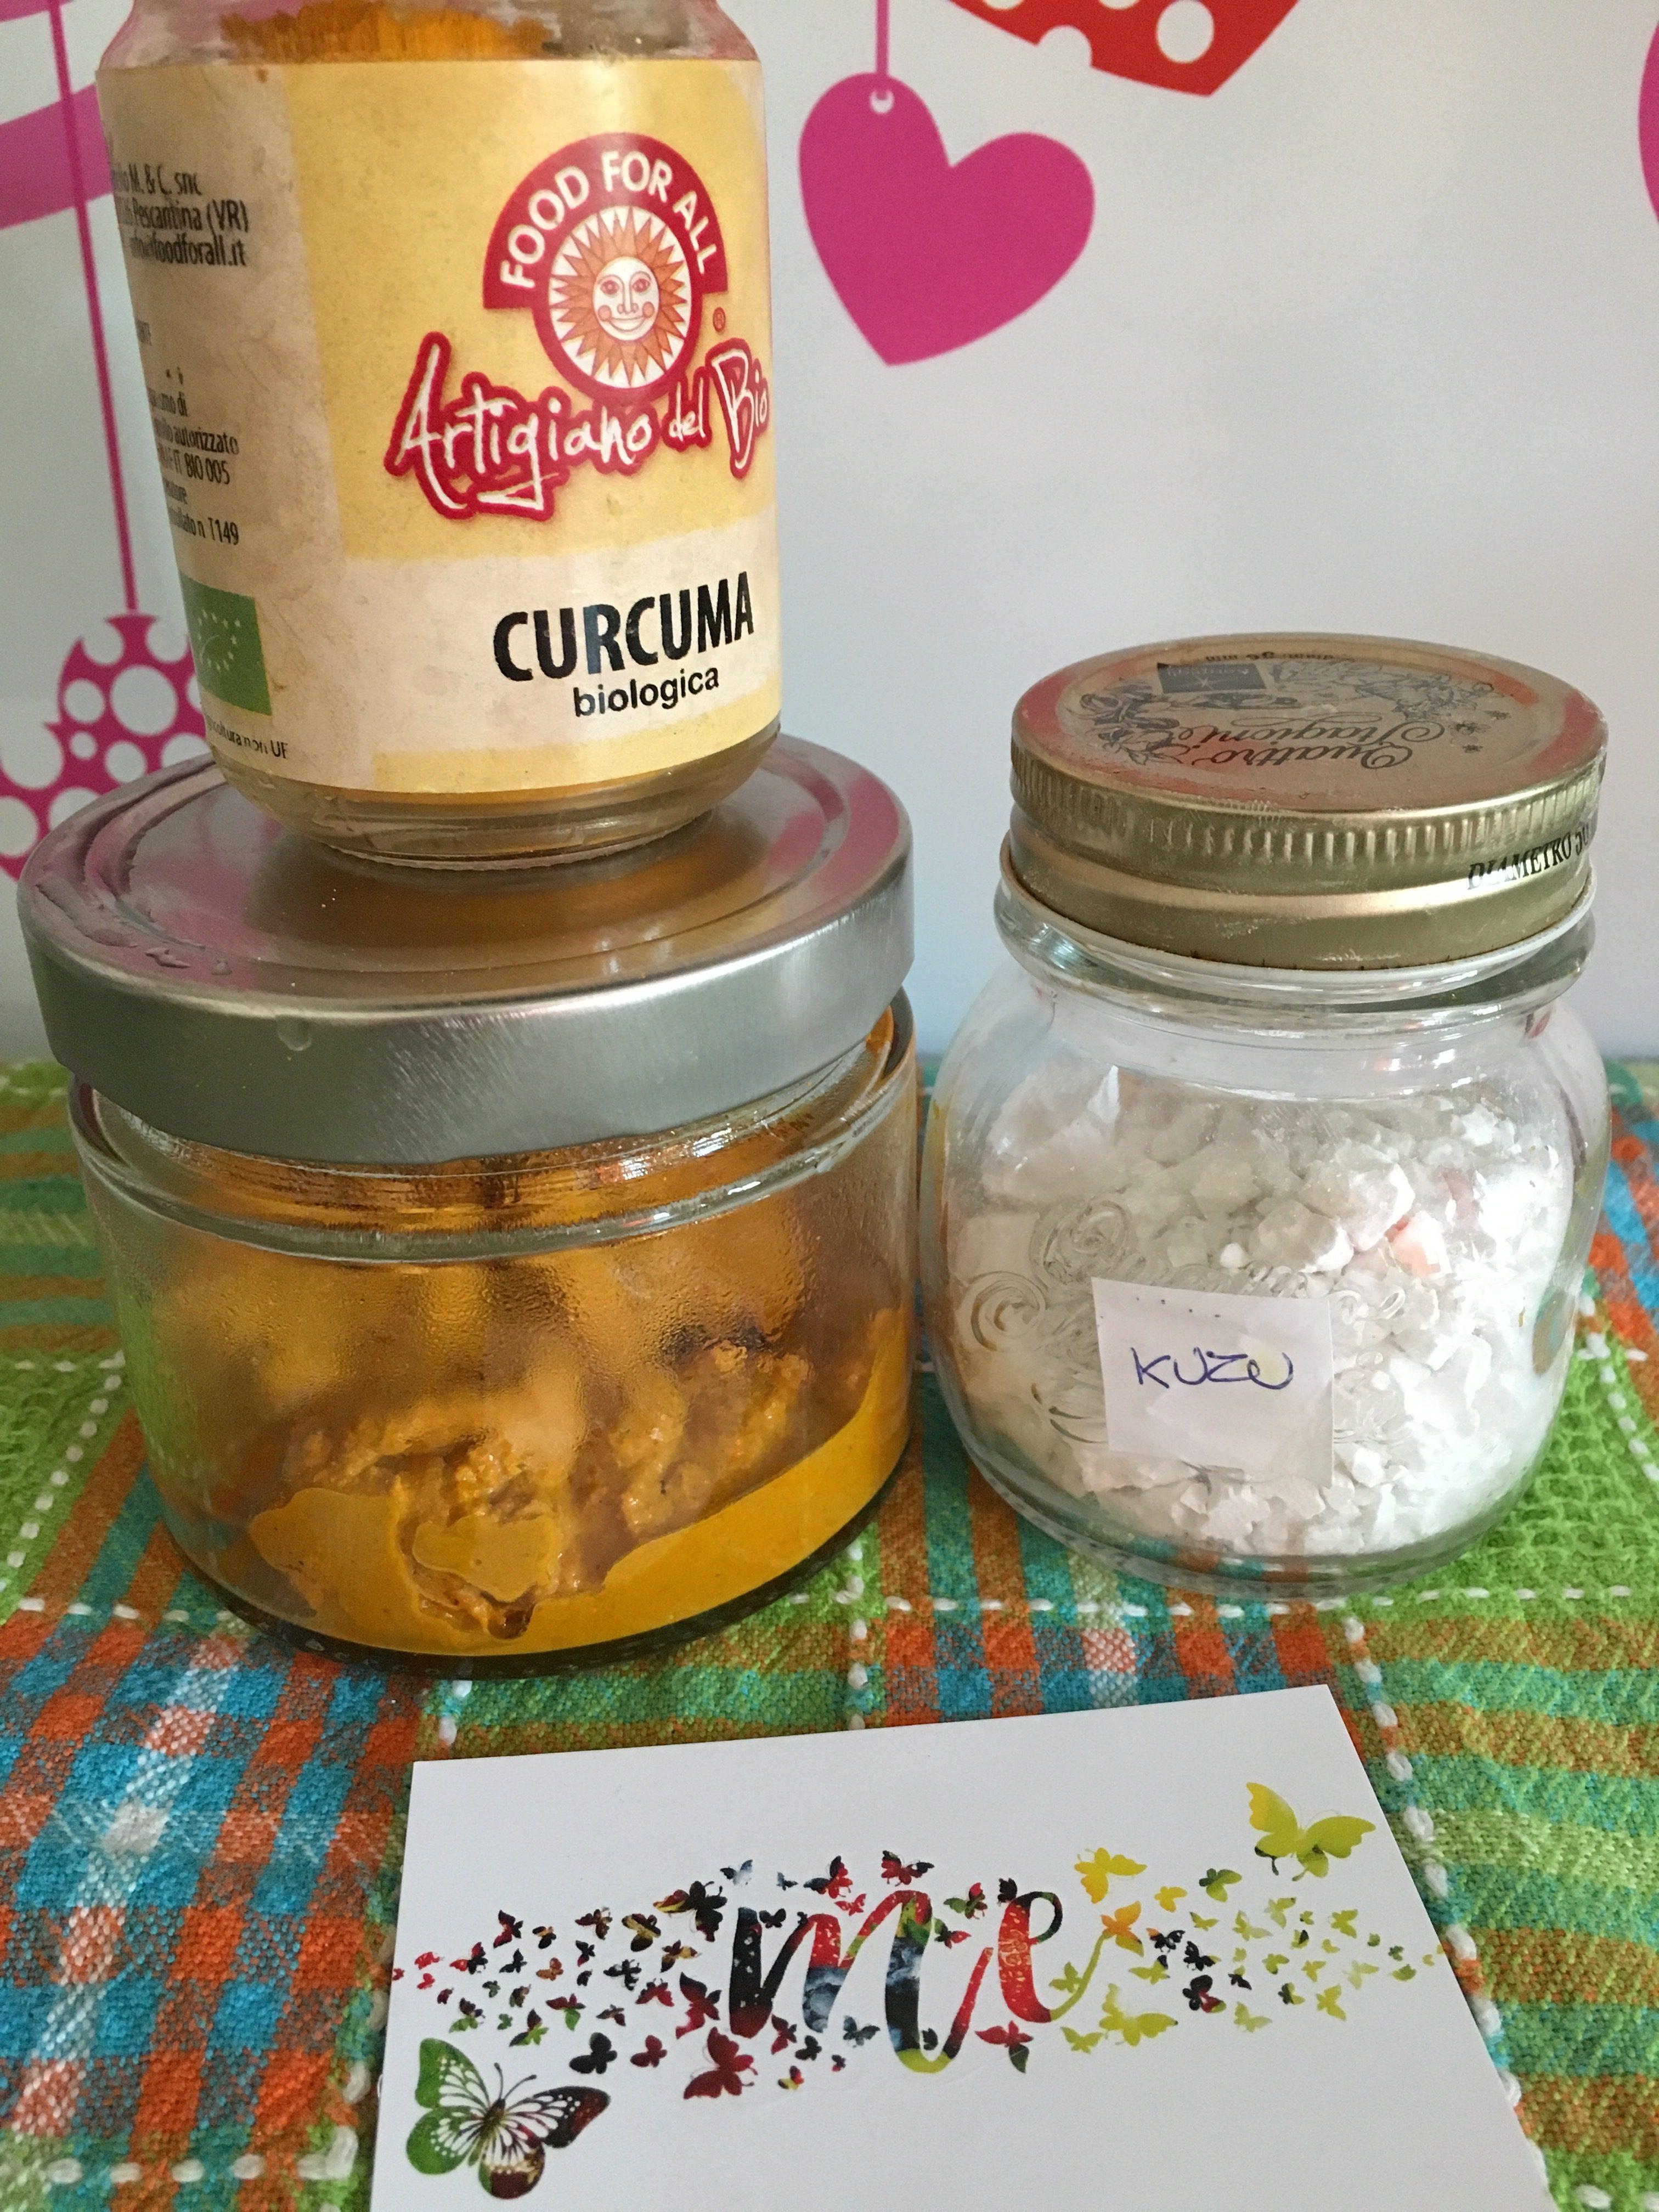 KUZU: rimedio macrobiotico curativo dell'intestino e dello stomaco